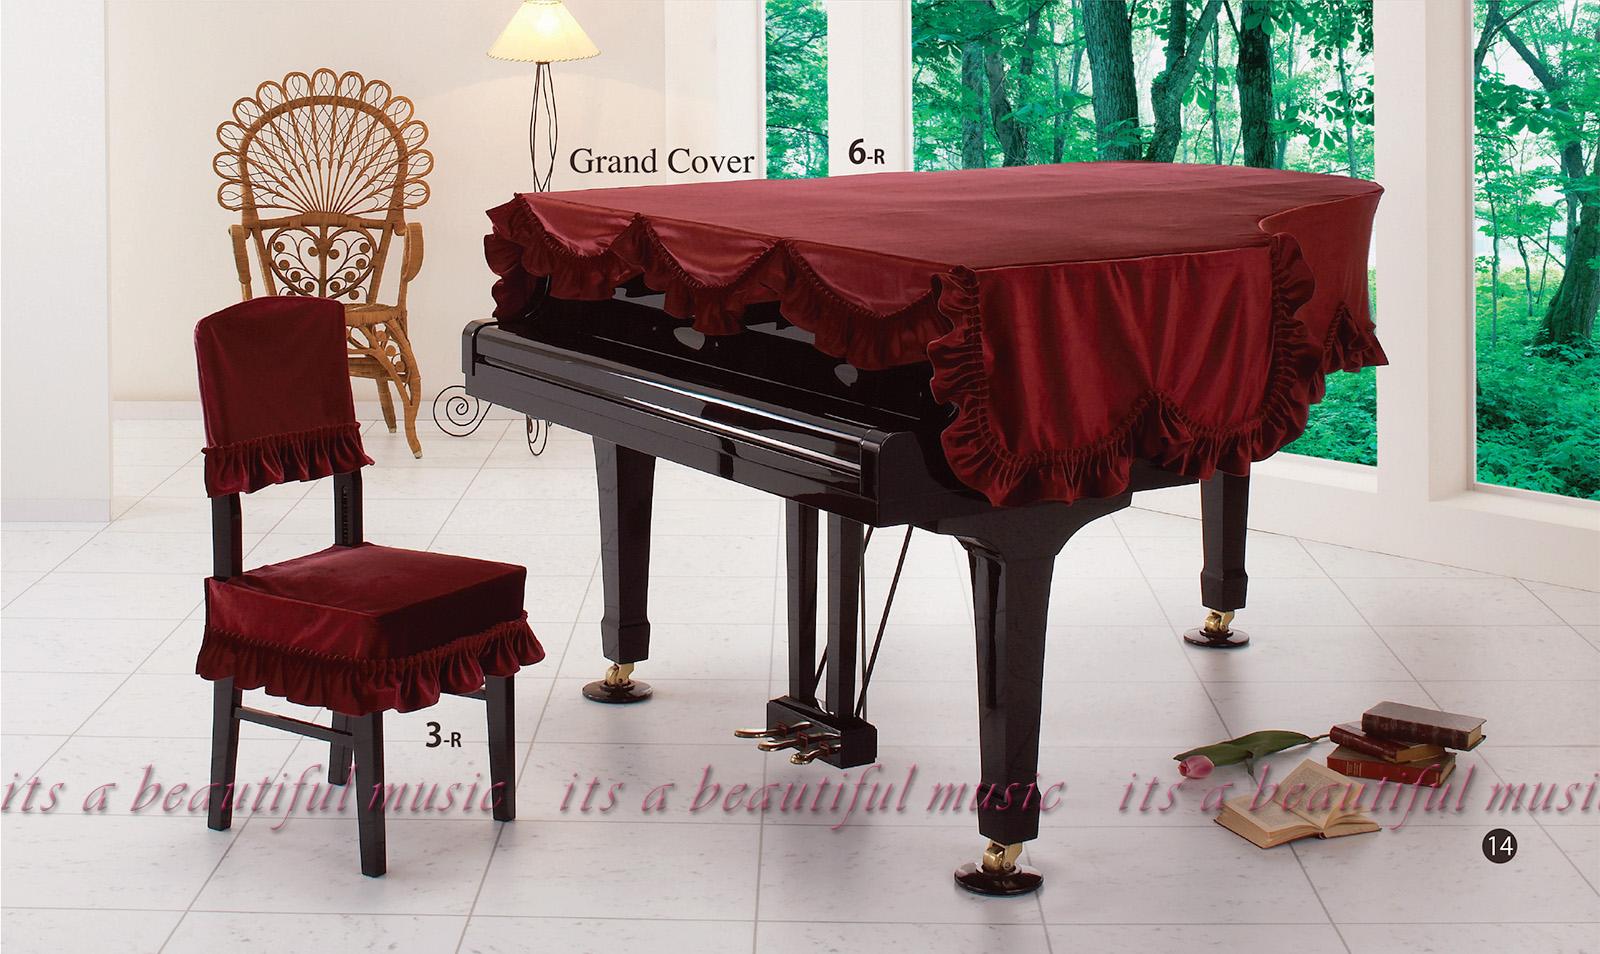 【its】レビューでもれなく高級クロス同梱!グランドピアノカバー アルプスG-LB-R「エレガントなビロード生地」【奥行150~160cm未満/A1/GB1K/GM12/G-156等】(アルプスLB-Rシリーズ)